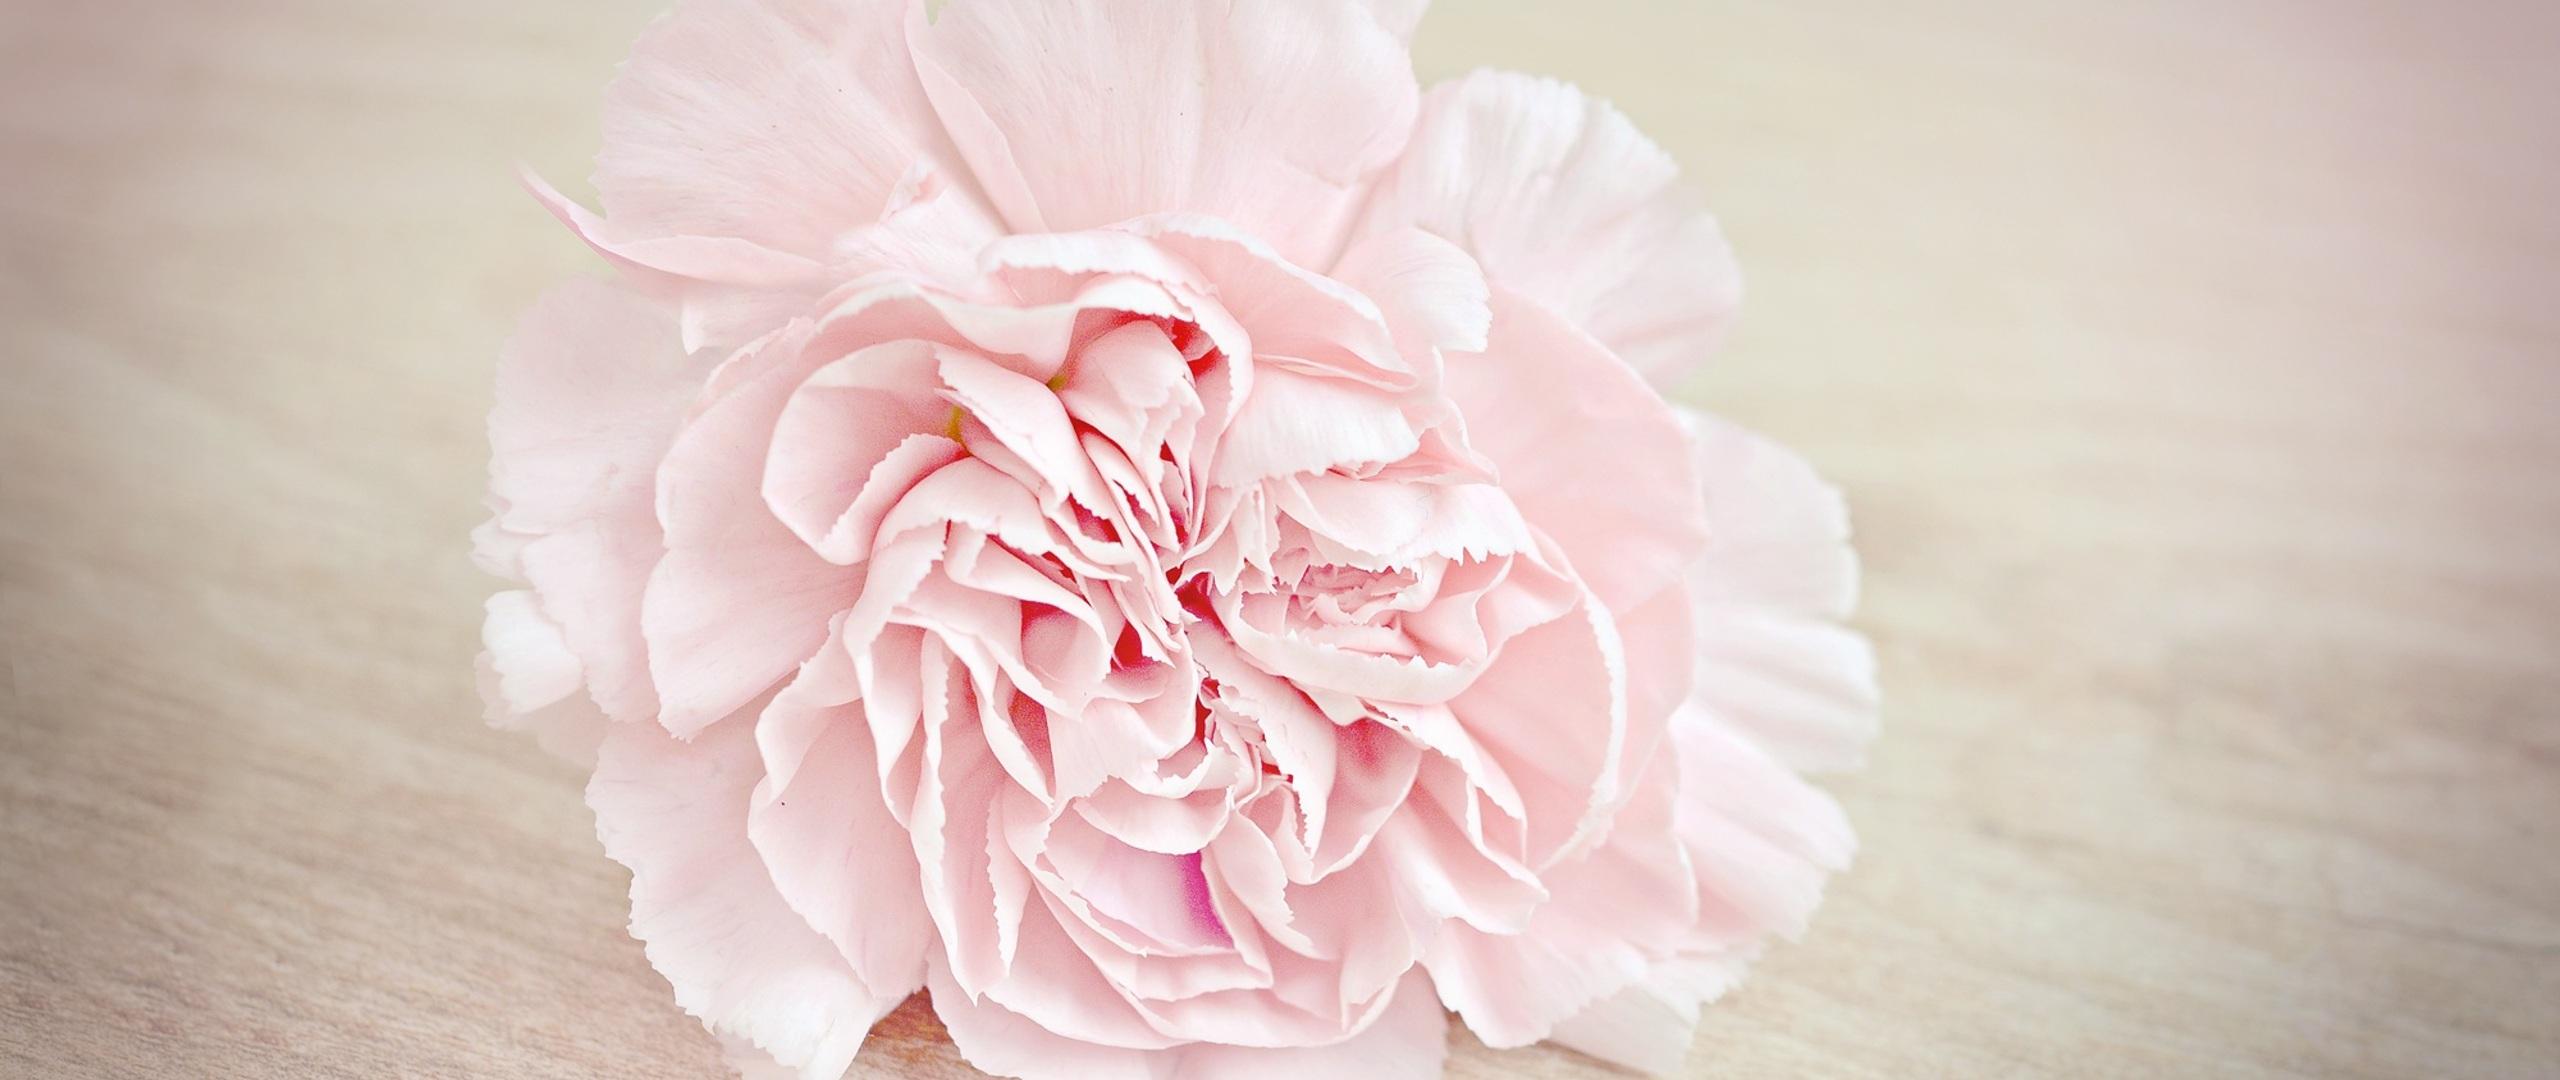 pink-flower-carnation-blossom-7d.jpg